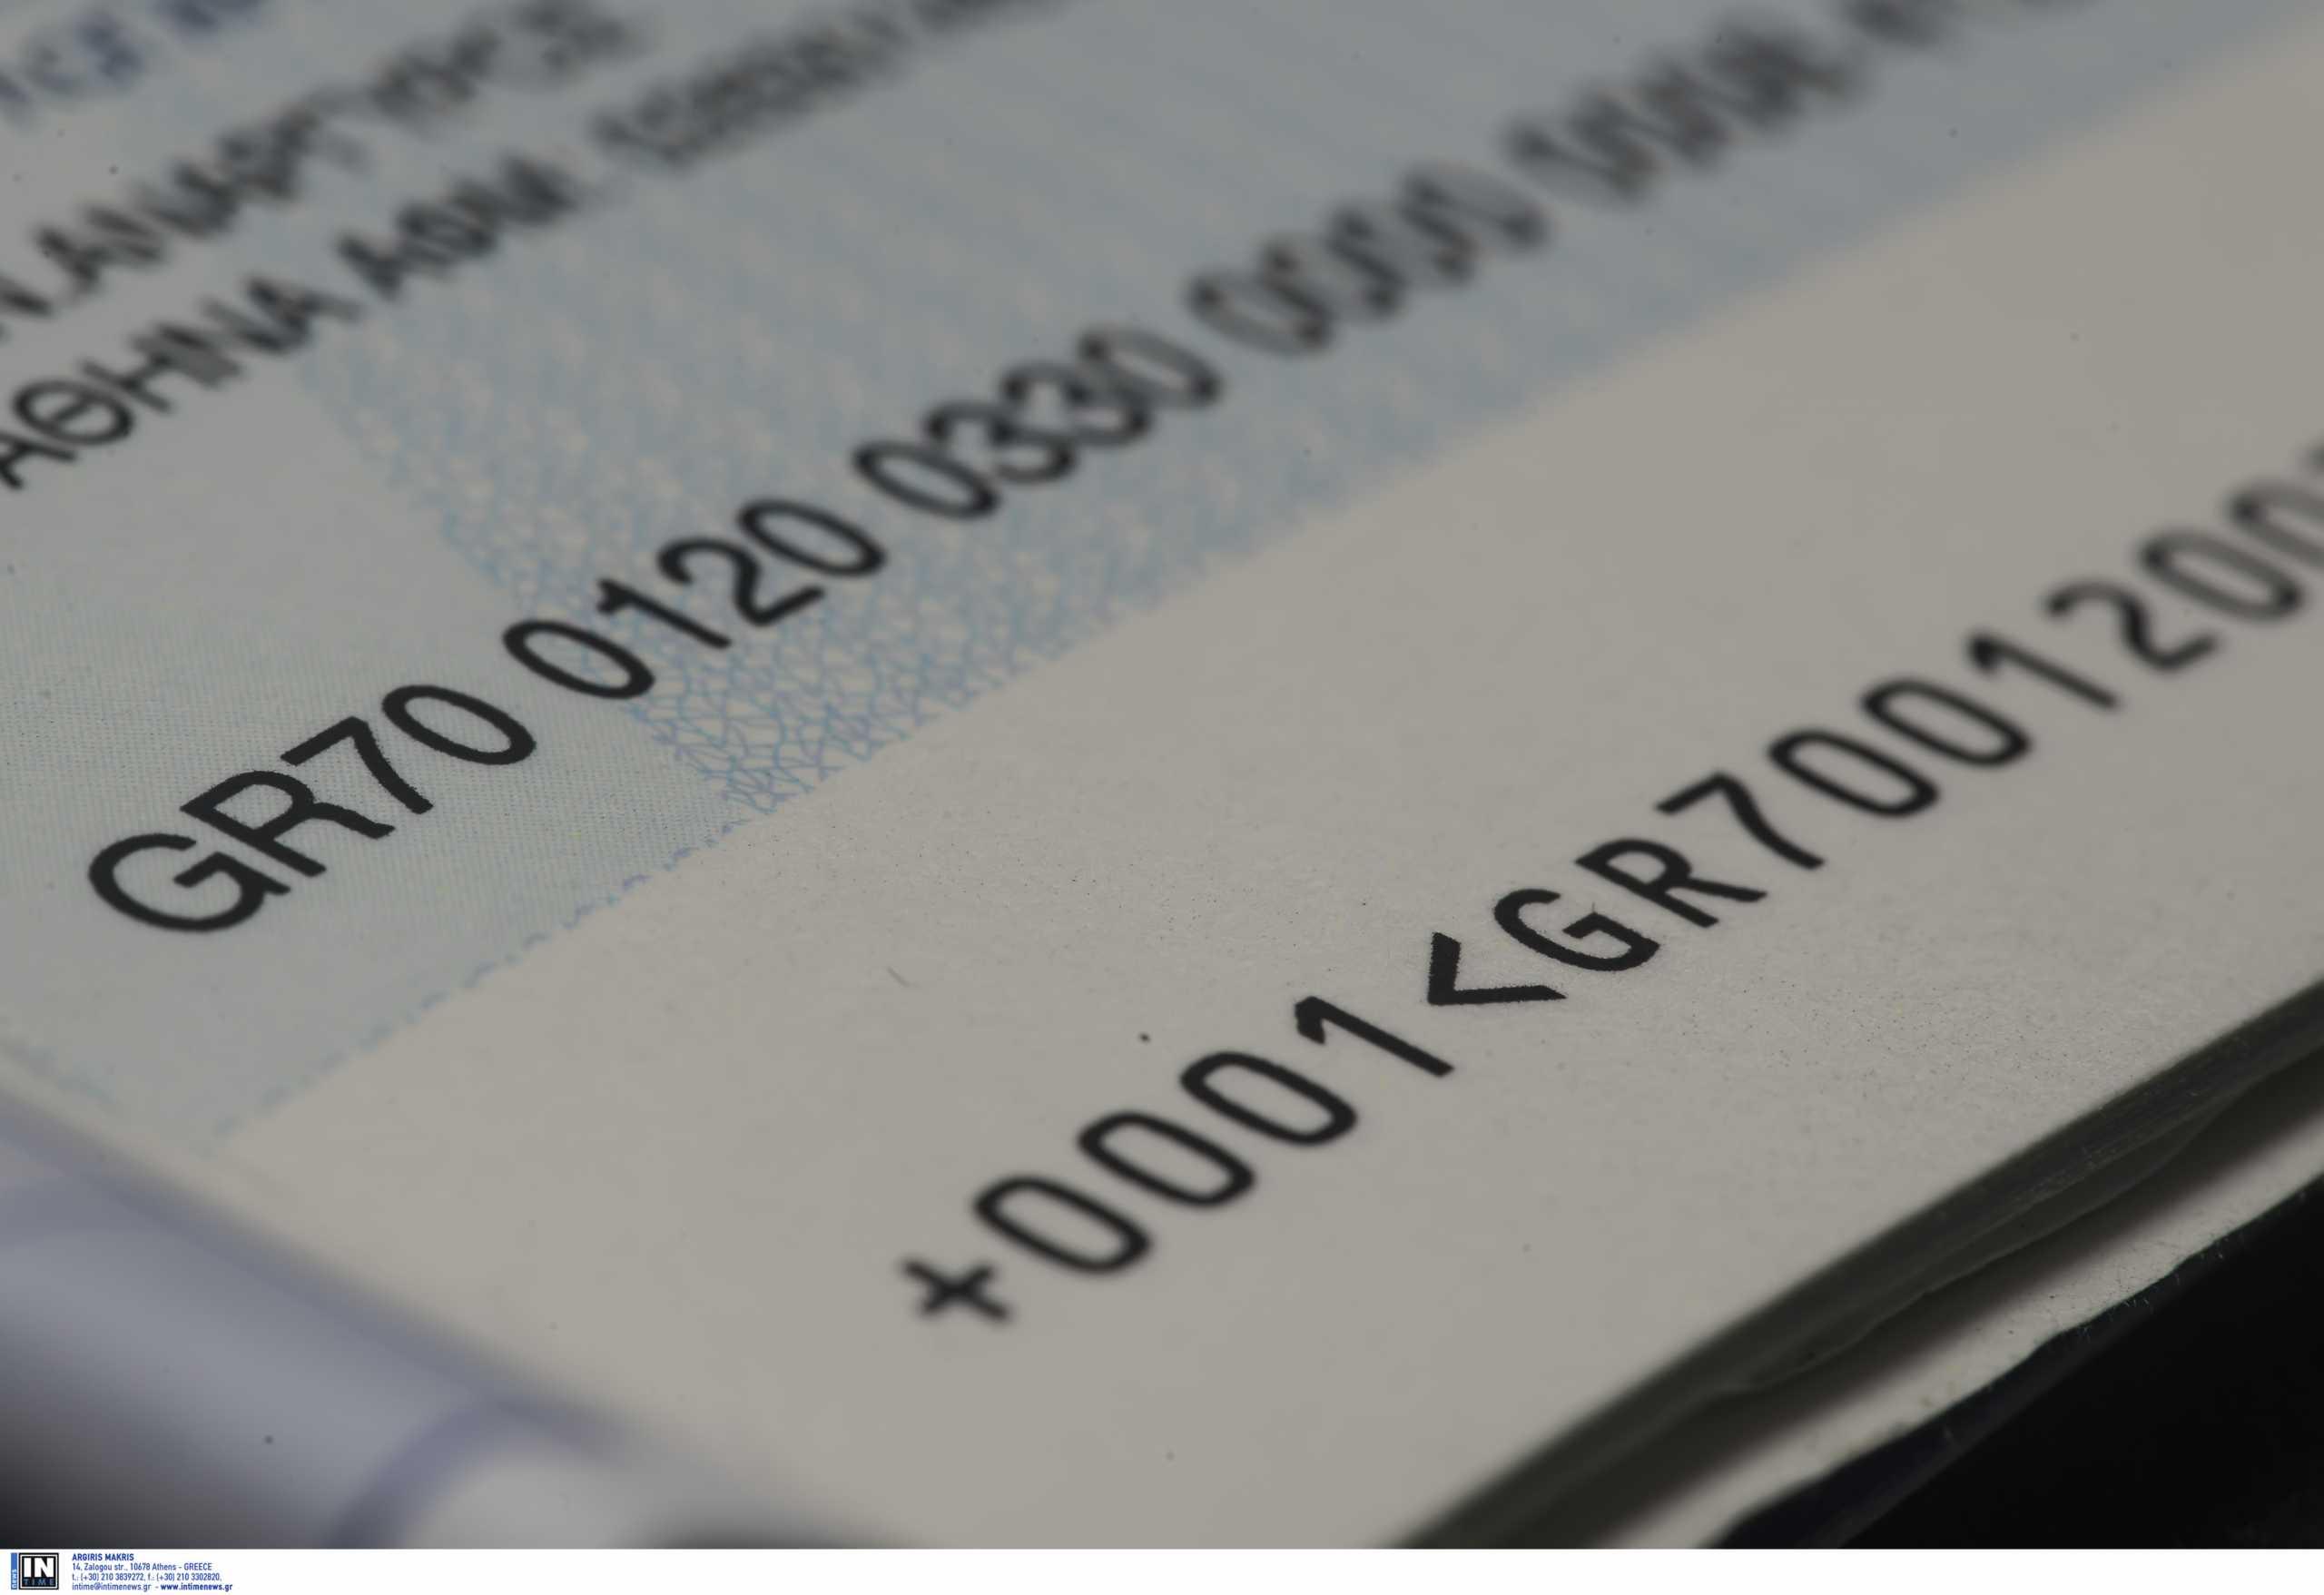 Παράταση πληρωμής ΦΠΑ για όσους έχουν στα χέρια τους απλήρωτες επιταγές λόγω πανδημίας